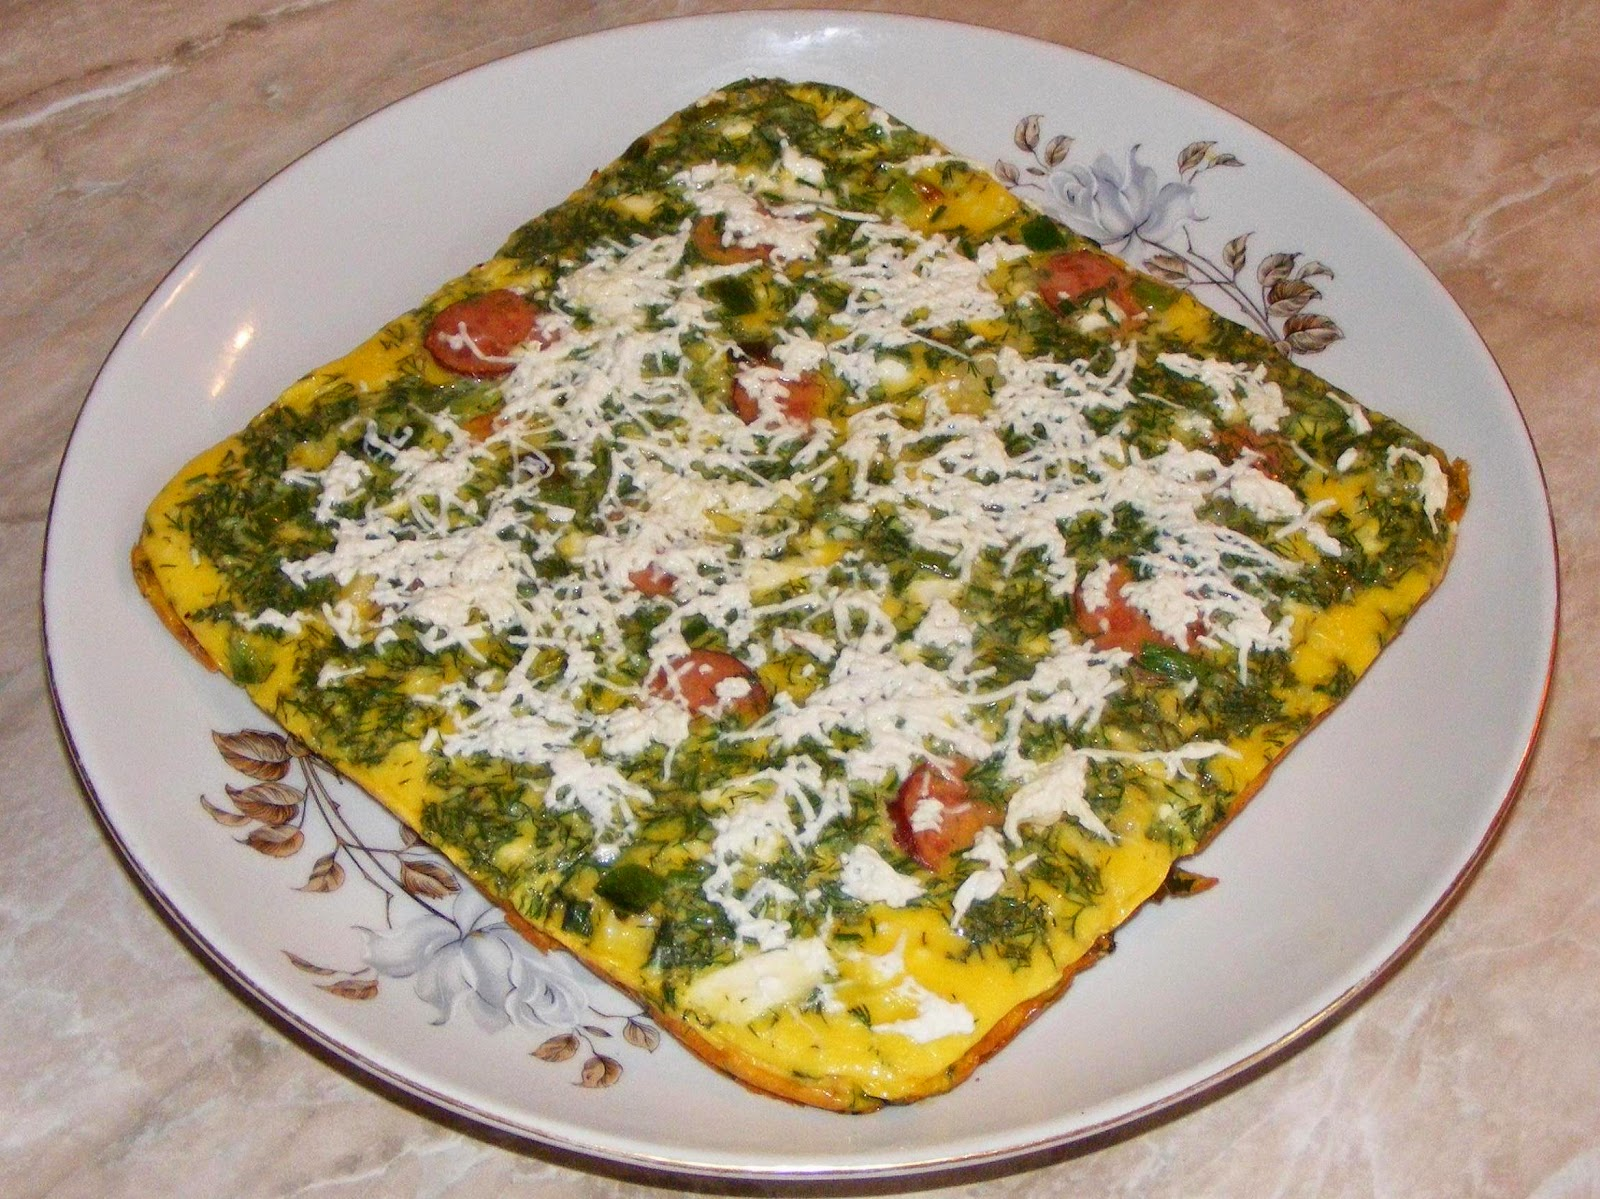 omleta, retete omleta, reteta omleta, omleta cu branza, omleta cu legume, omleta pufoasa, omleta cu oua, retete si preparate culinare, retete de mancare, mancaruri delicioase, omleta preparatedevis,